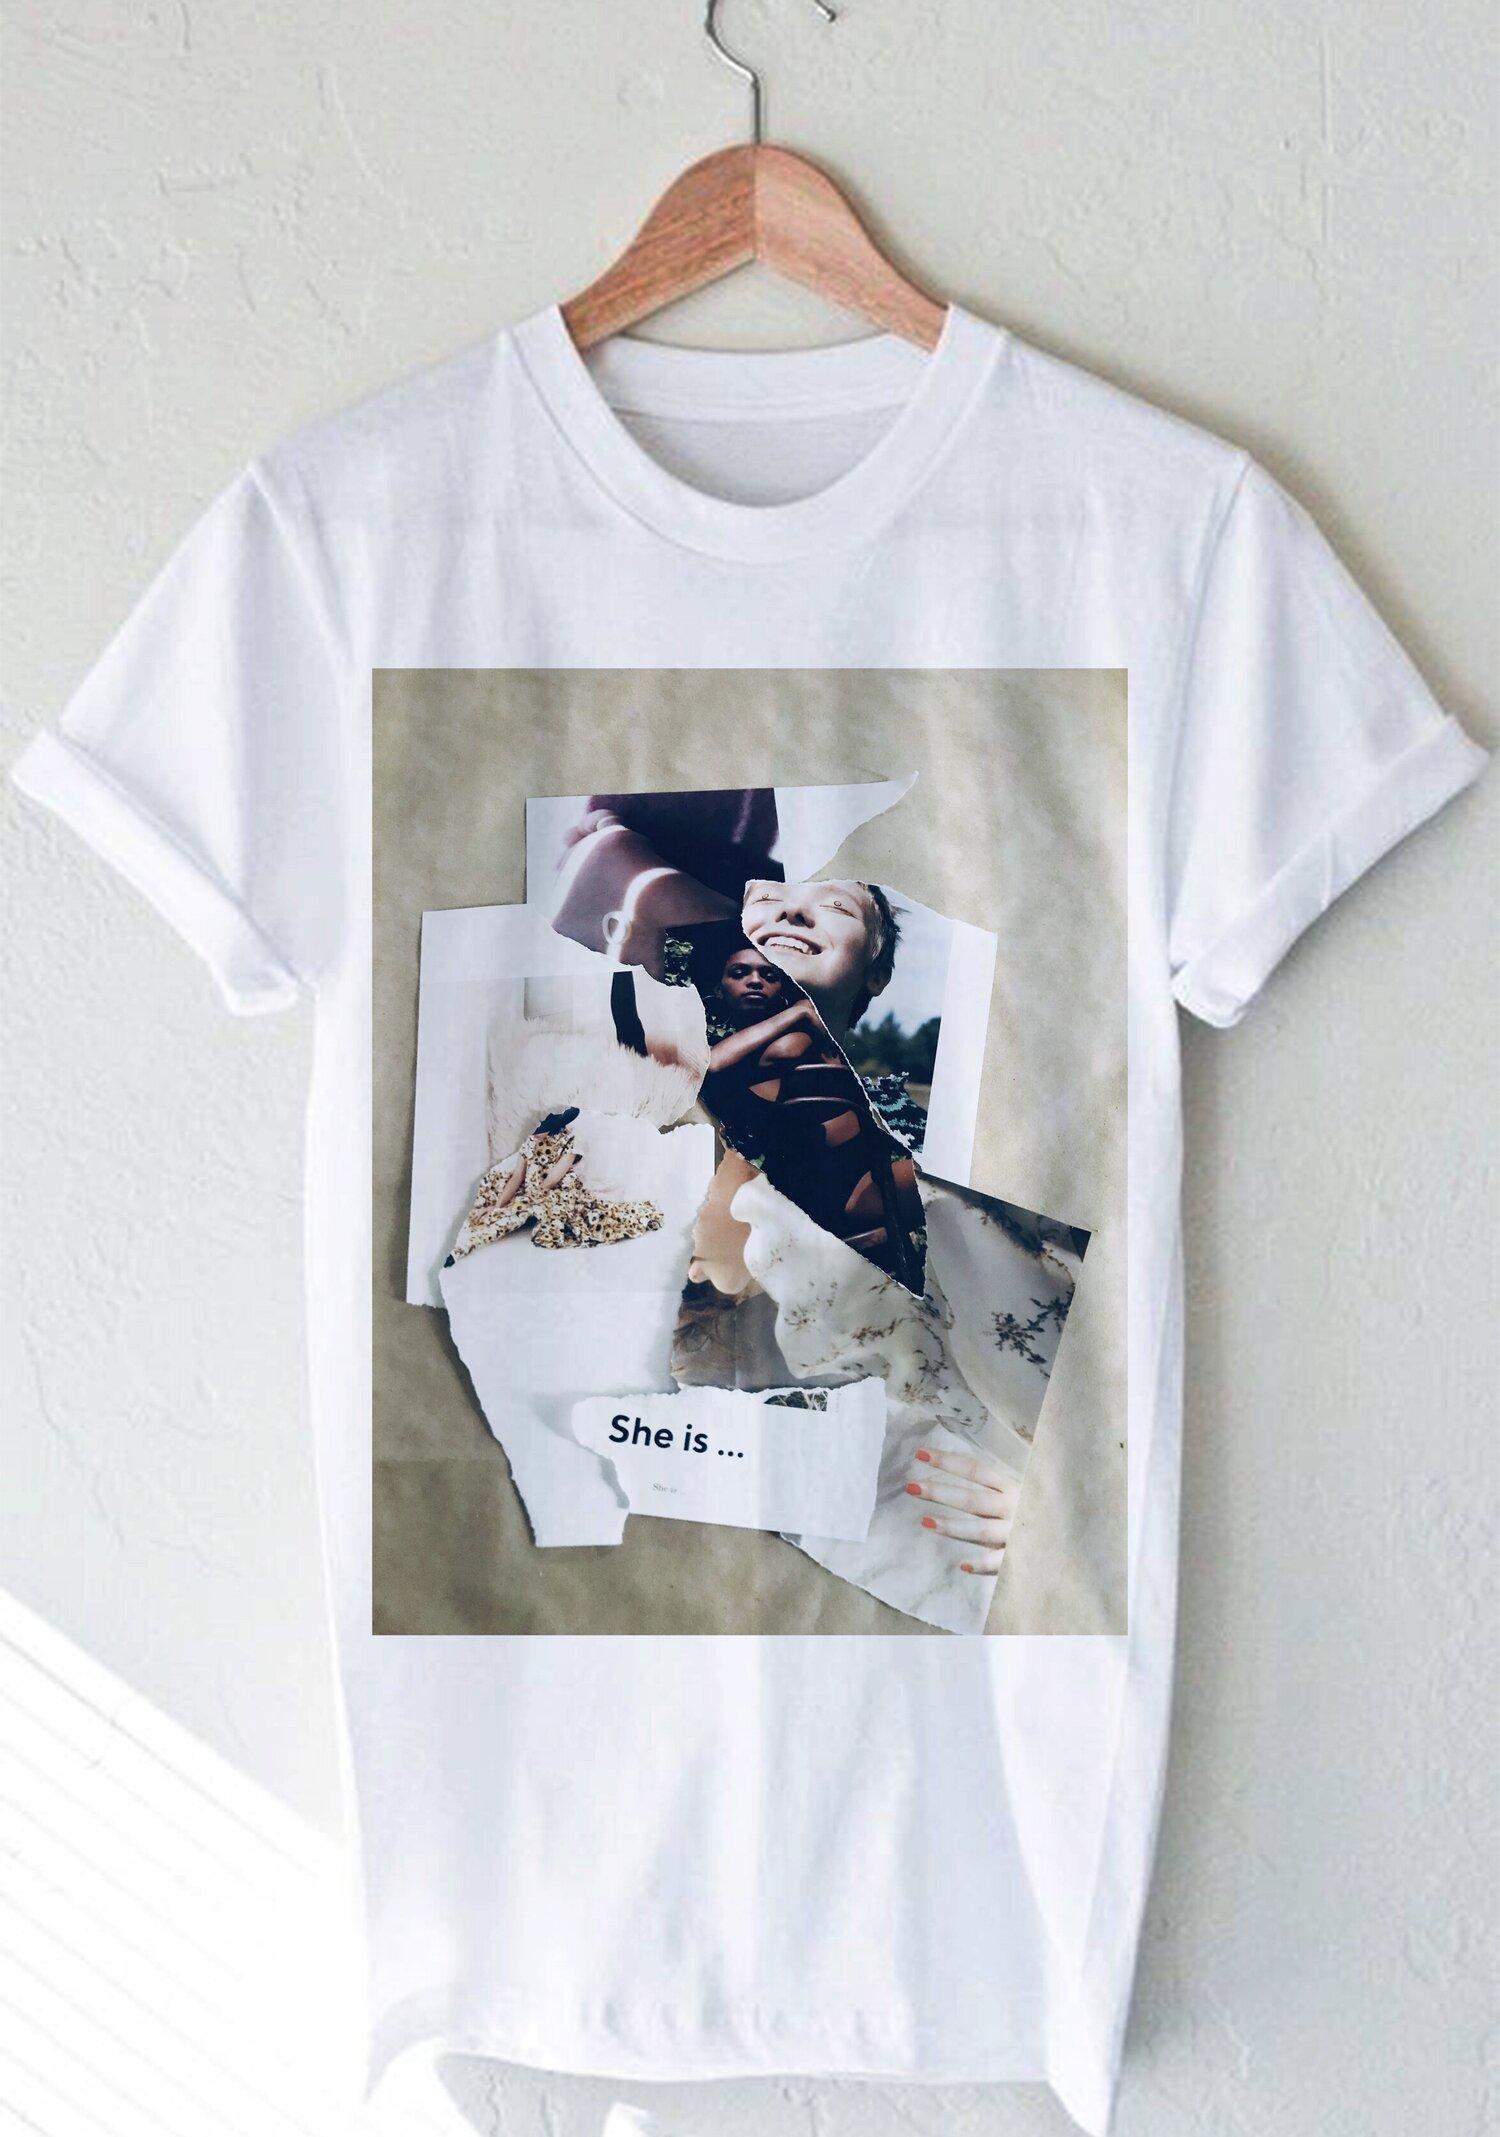 Collage Art T Shirt Designs Myrna